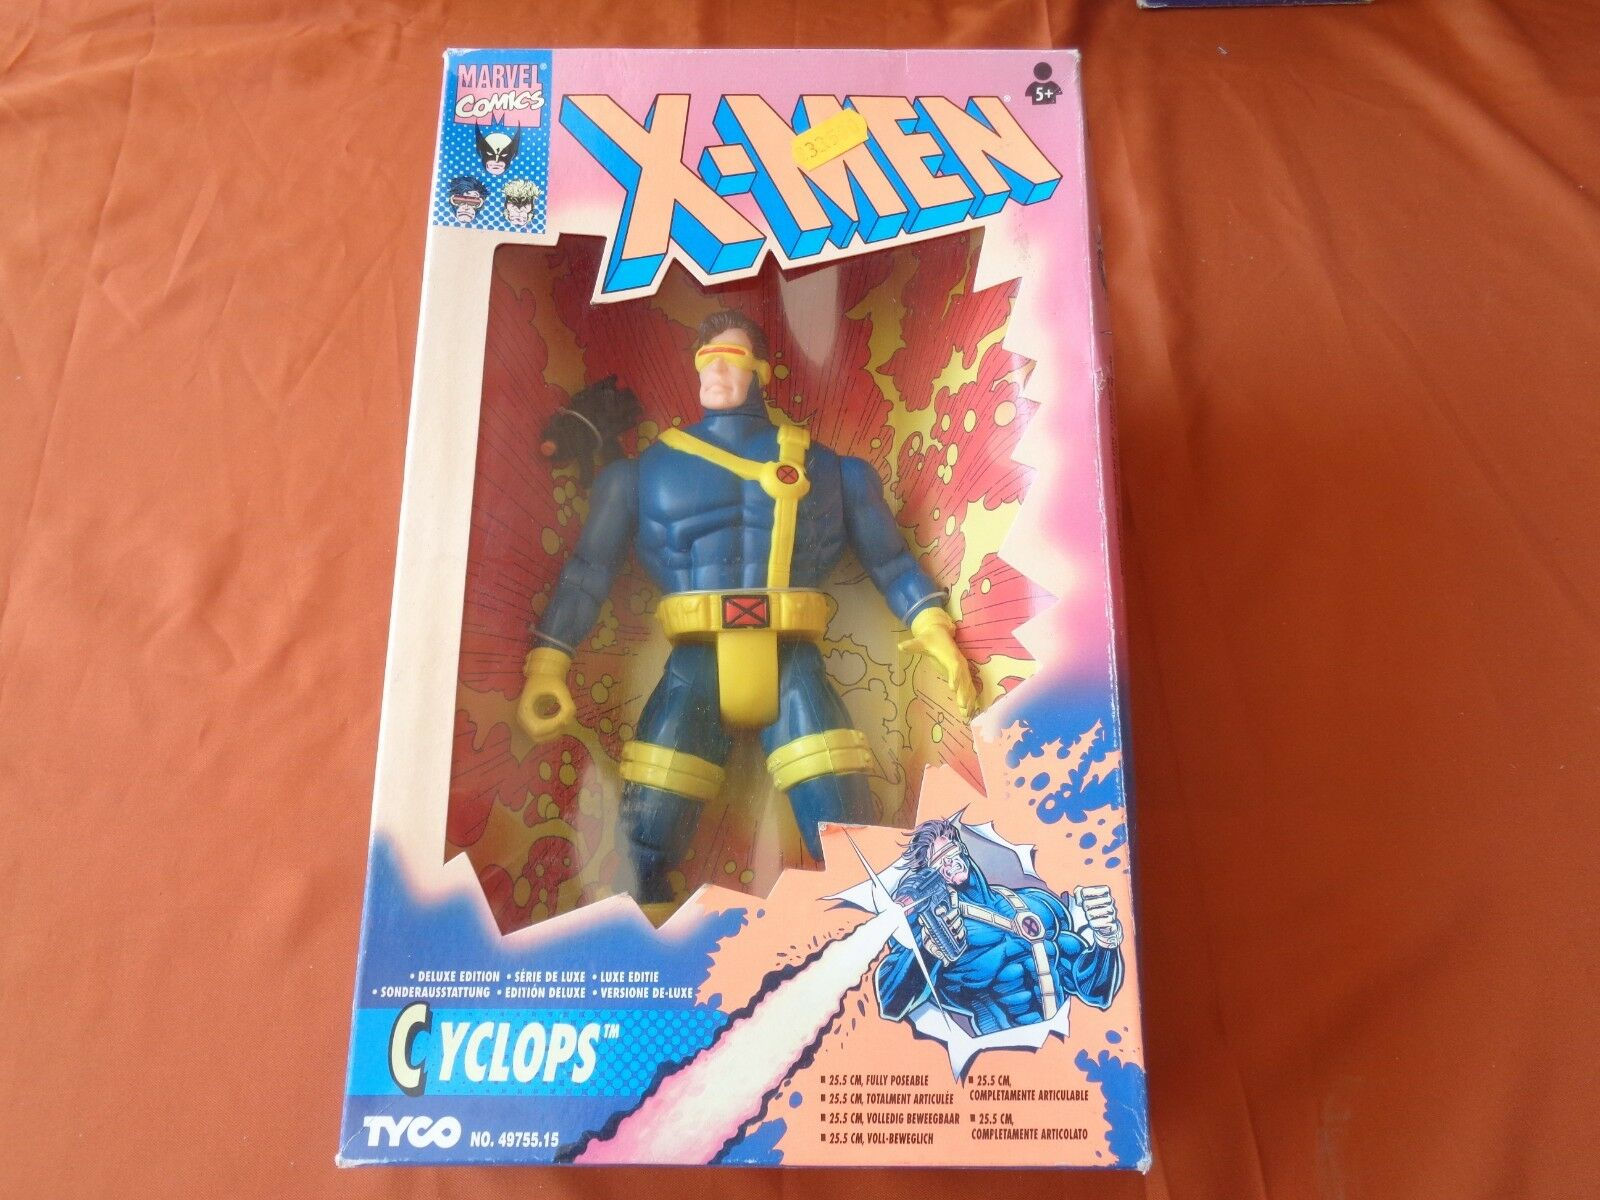 X-MAN TYCO VERSIONE DE LUXE CYCLOPS COMPLETAUomoTE ARTICOLATO 25,5 CM VINTAGE